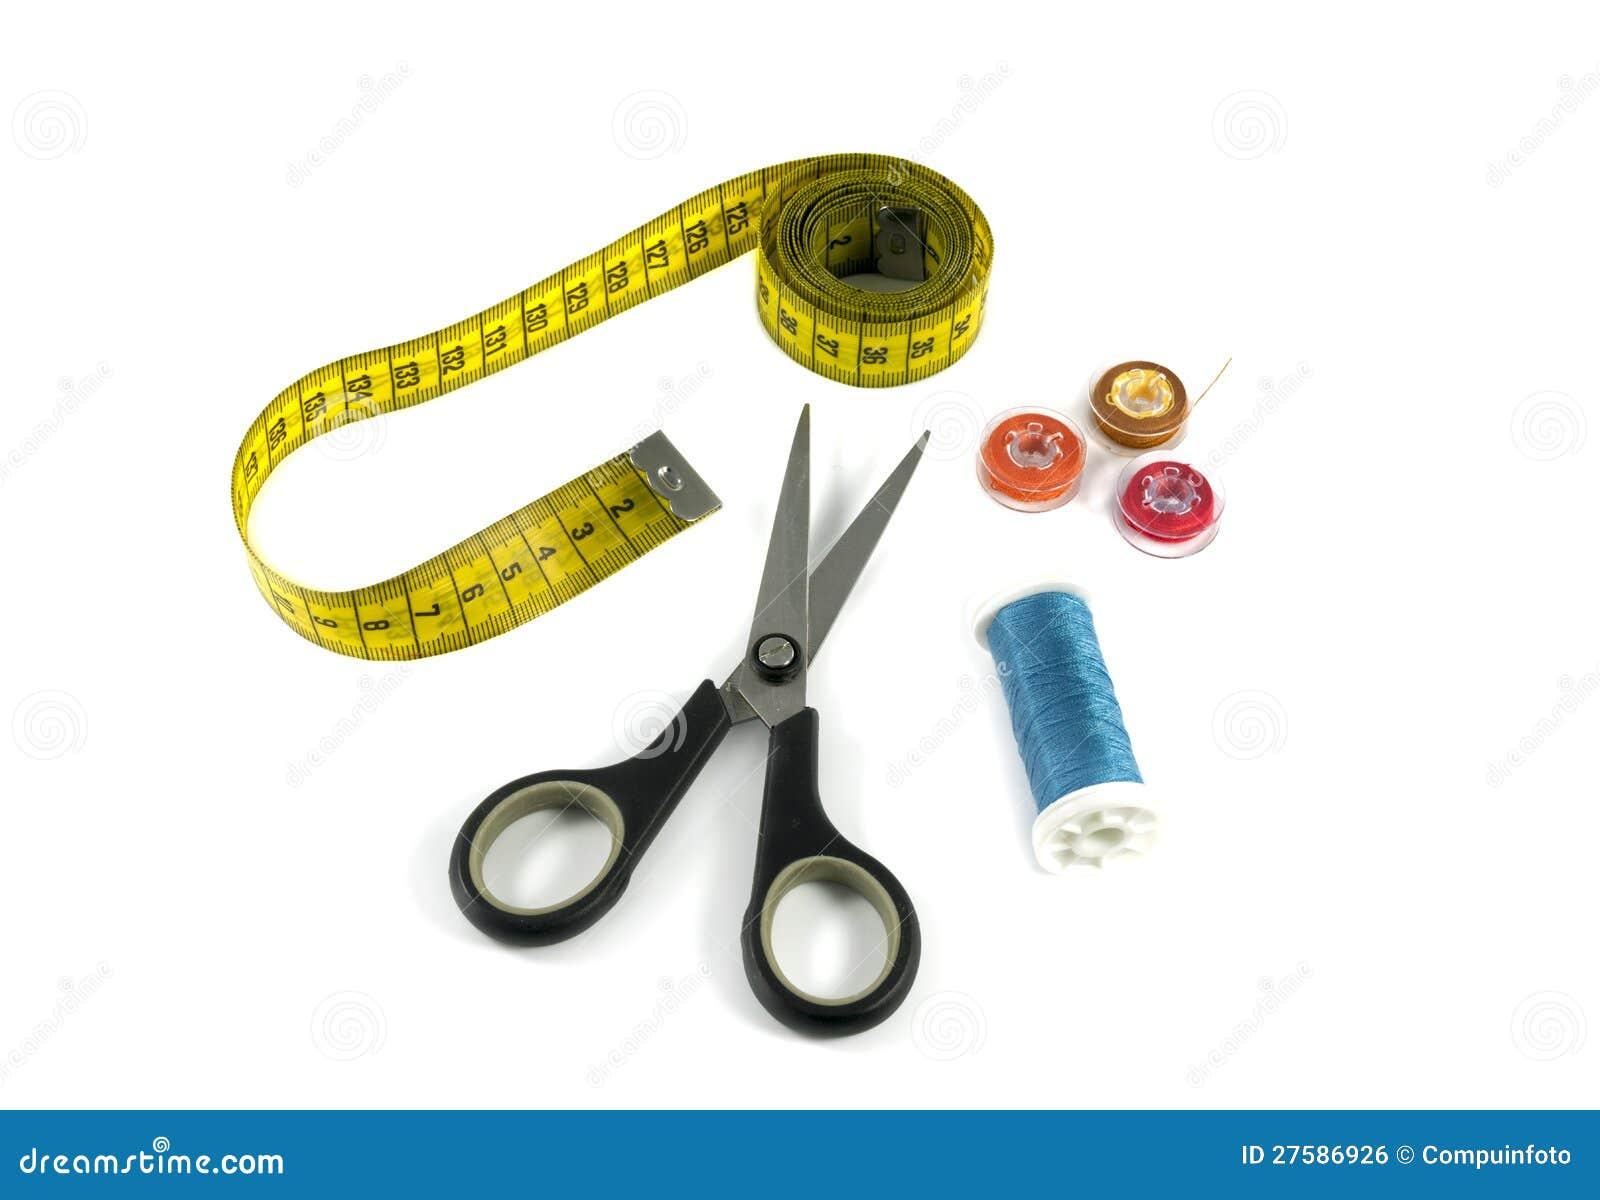 Tailoring business plan free